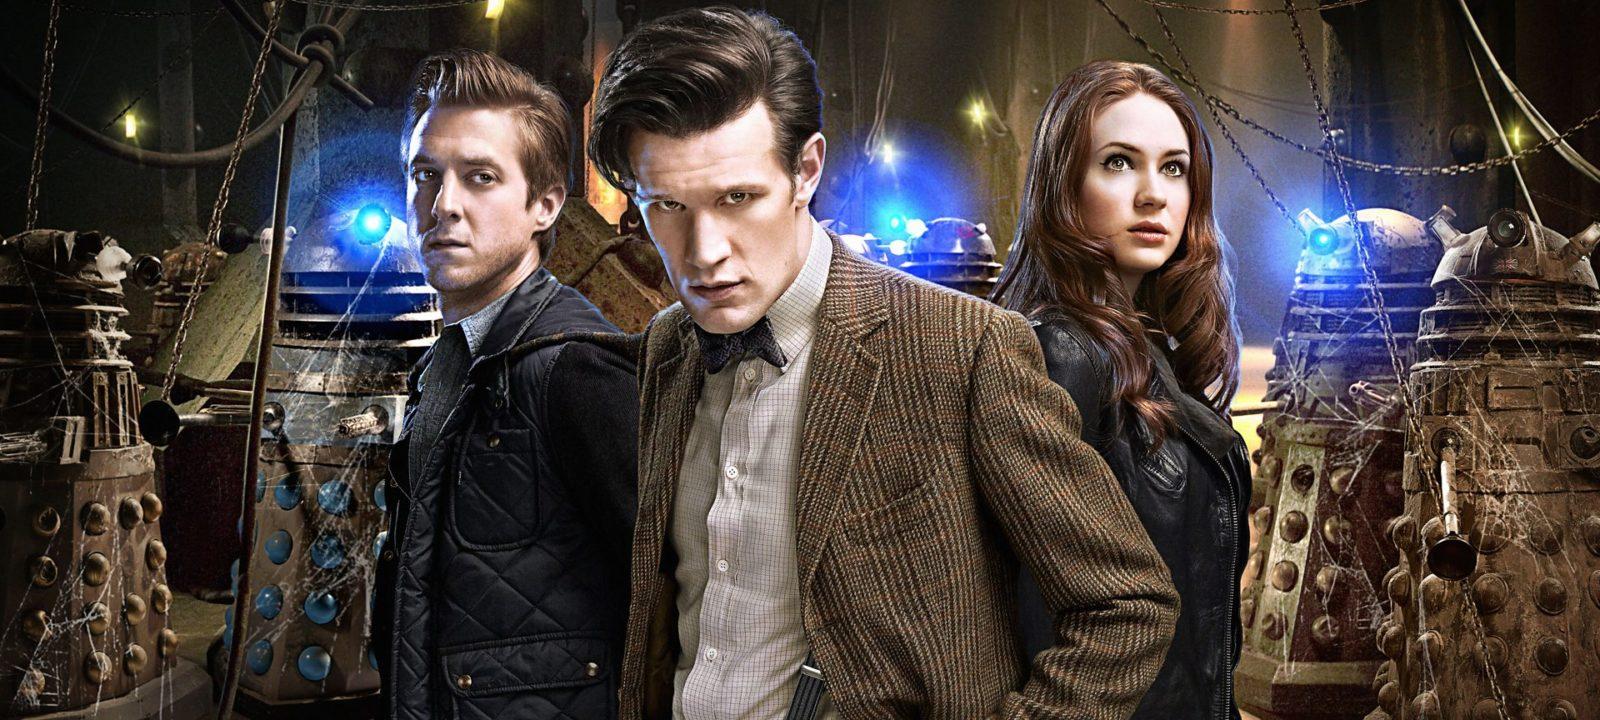 'Asylum of the Daleks' (Photo: BBC)